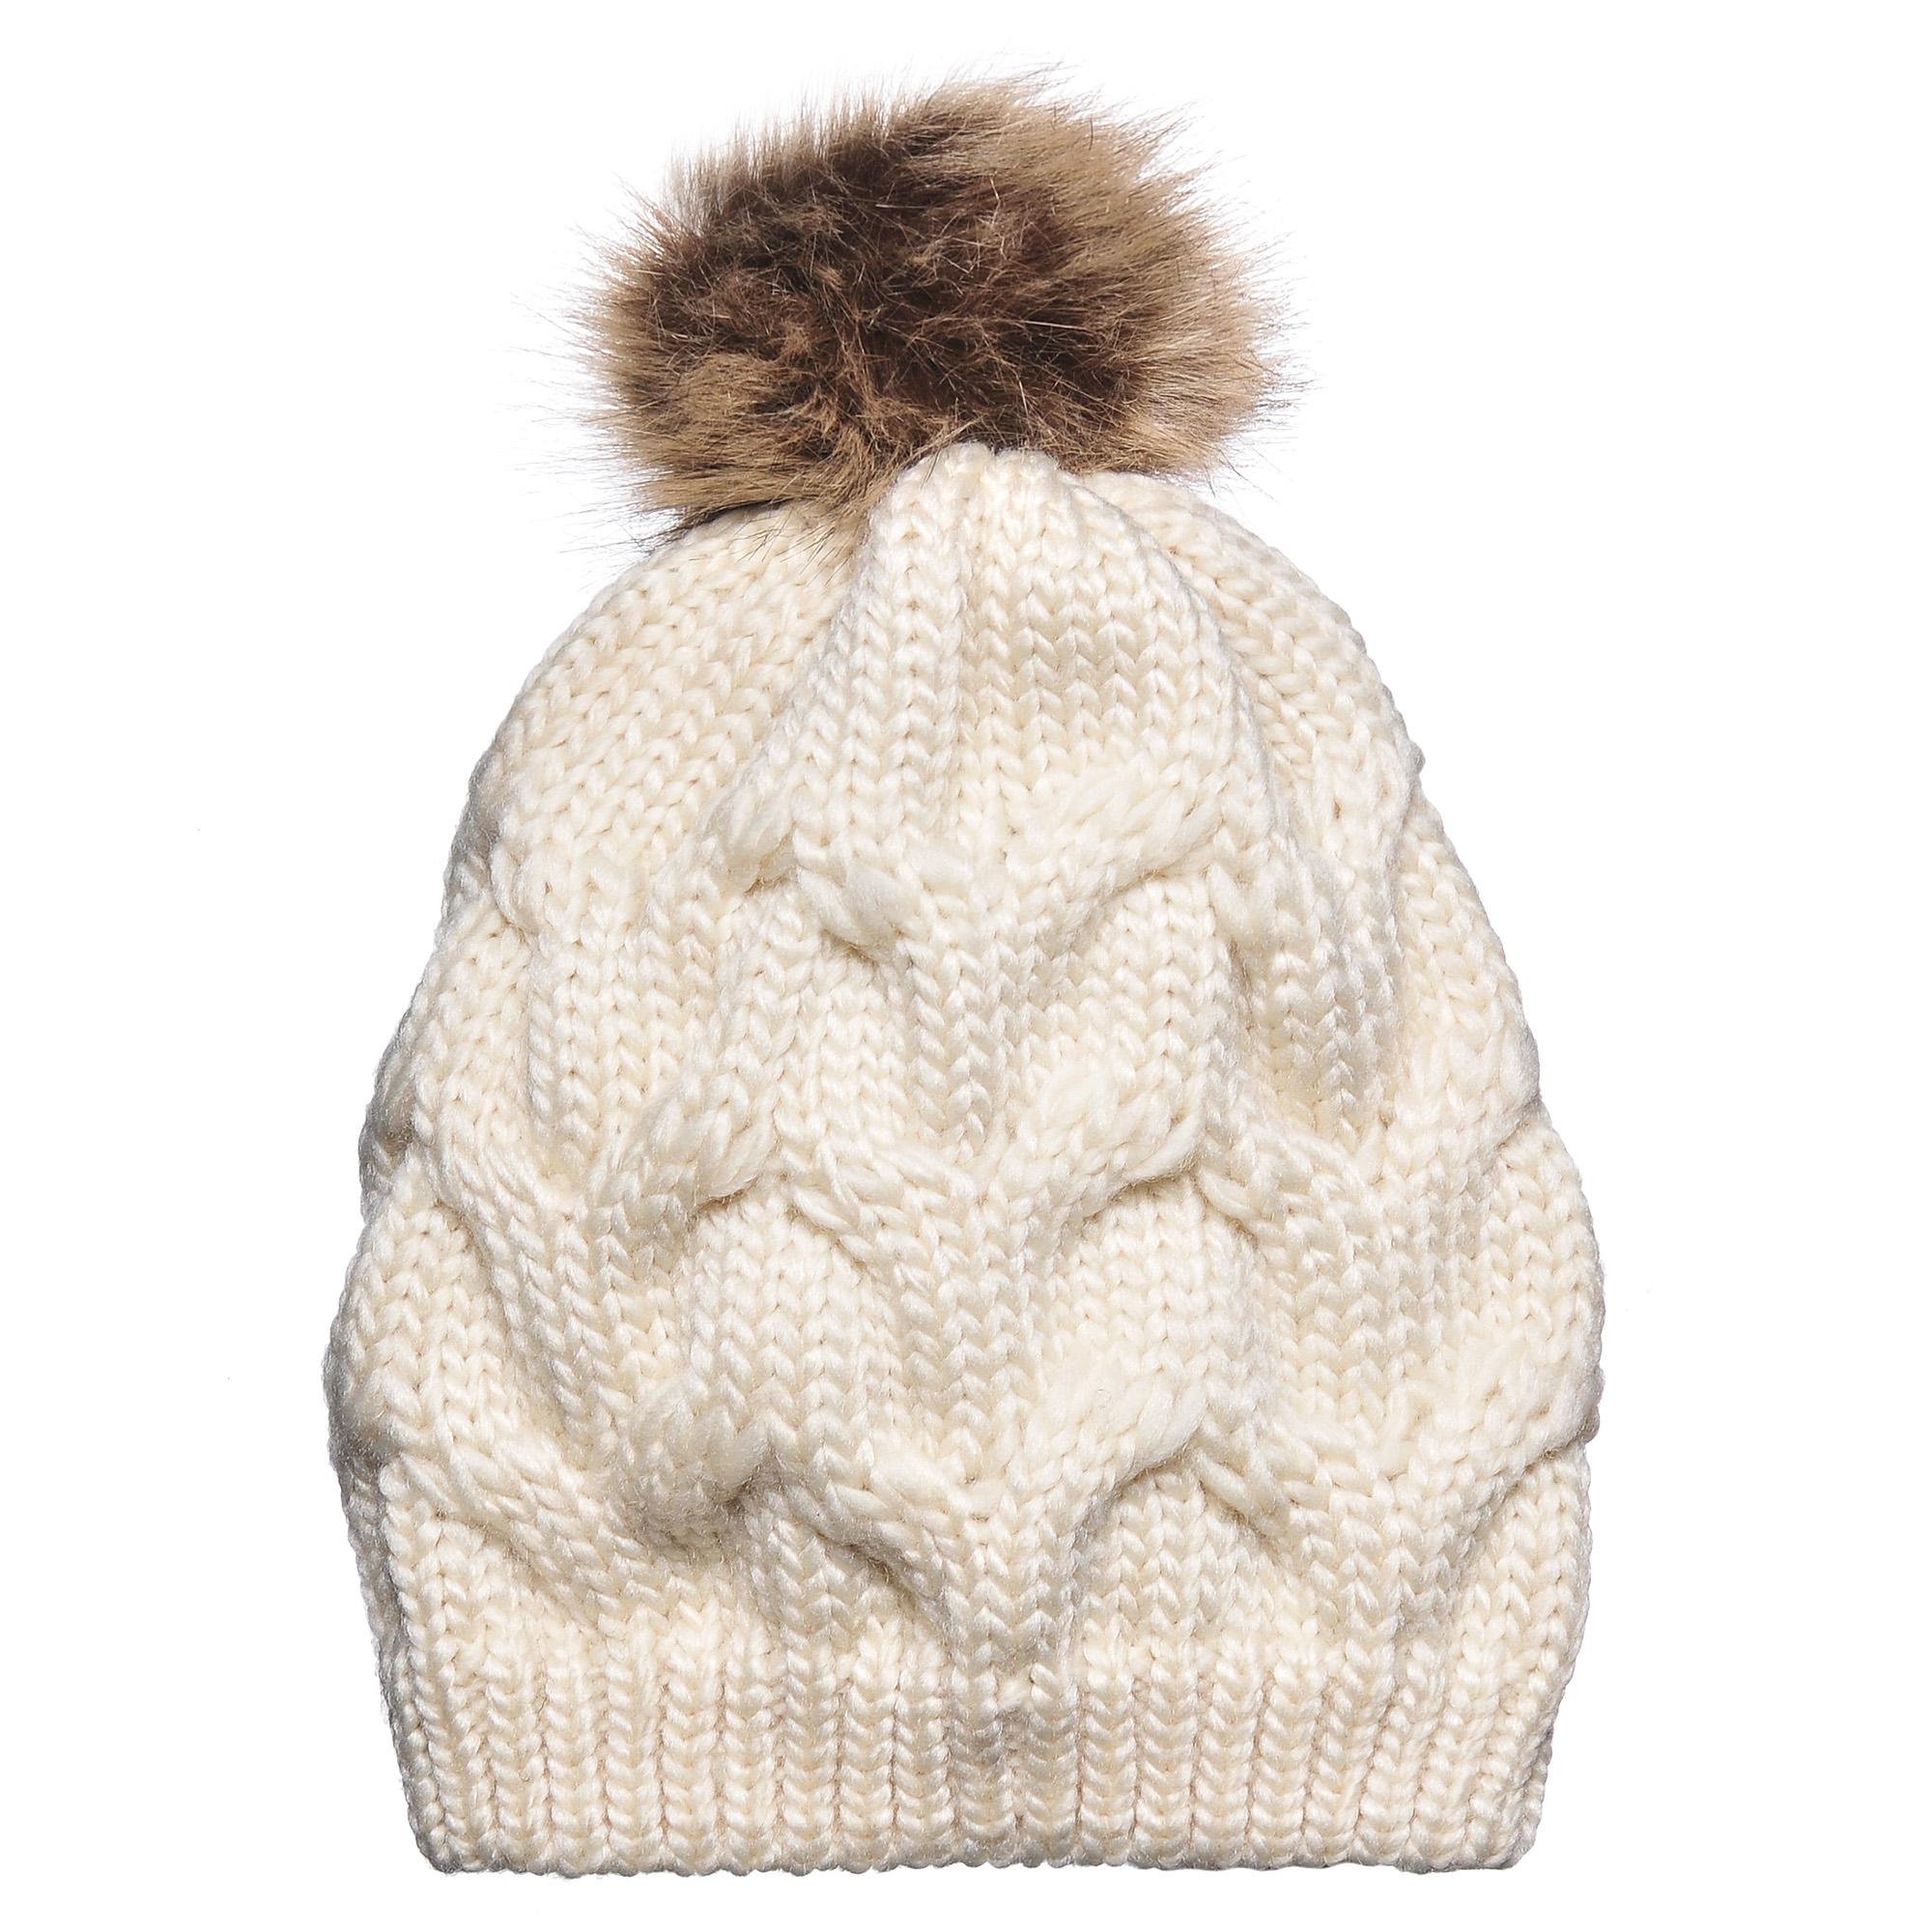 Шапка4-0043-001Стильная однослойная теплая шапка на резинке из акрила с помпоном. Рисунок - волна. Отличный аксессуар защитит в непогоду и подарит ощущение теплоты.